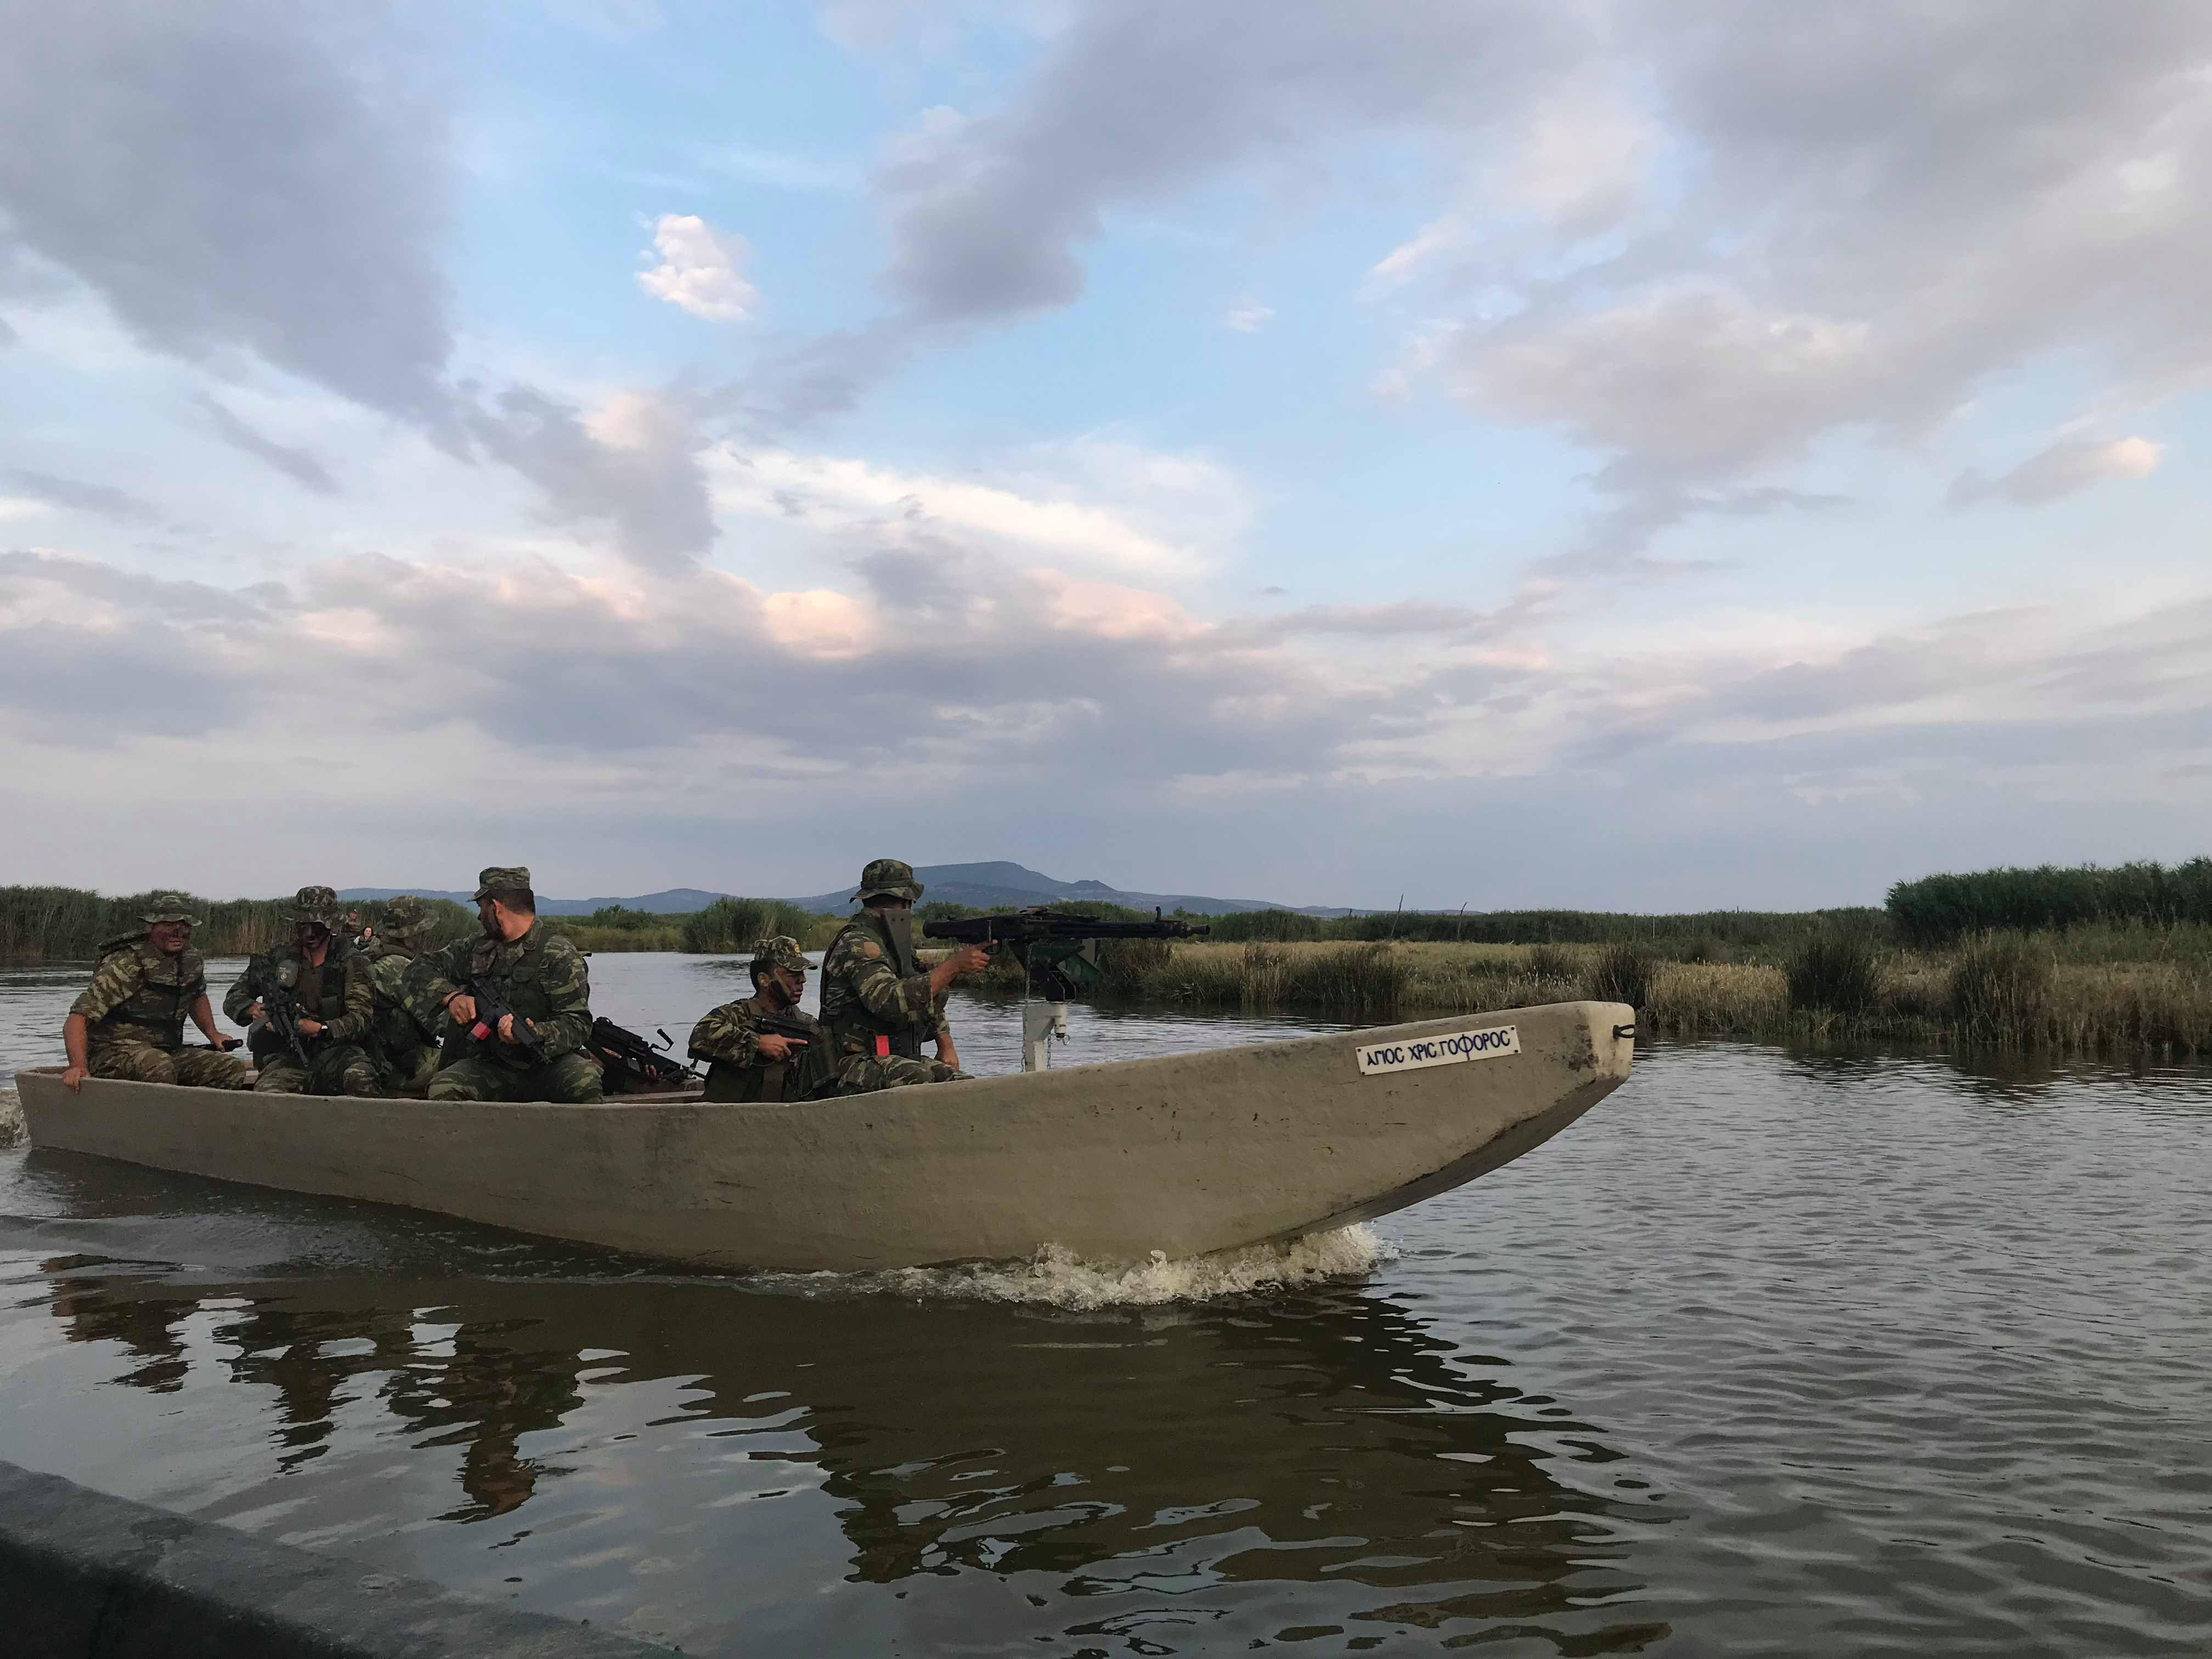 12η Μεραρχία: Τα μυστικά του Βάλτου με τους φρουρούς του ποταμού